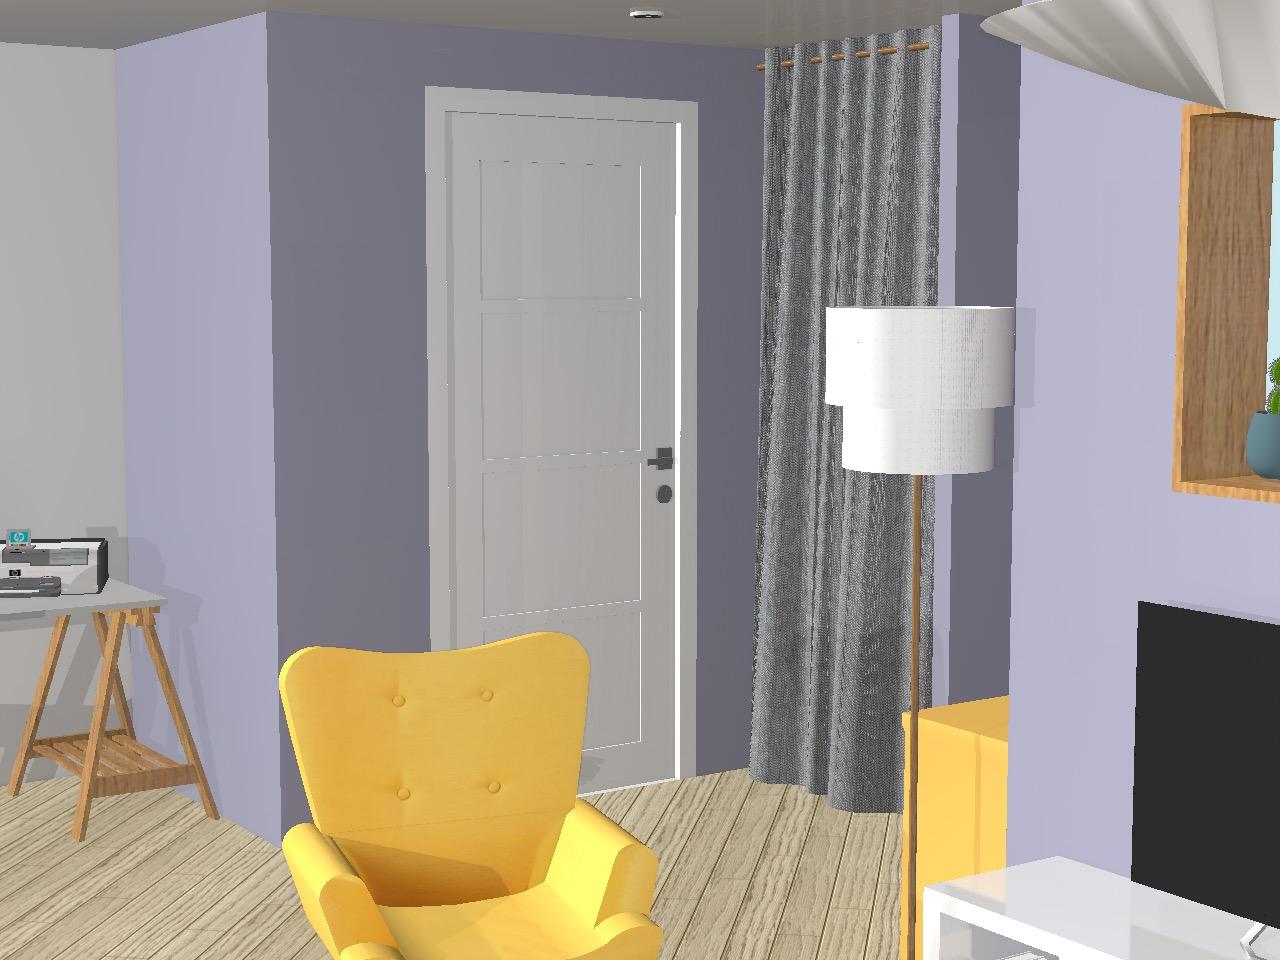 sejour-9-villa-vailhauques-renovation-latelierdelisa